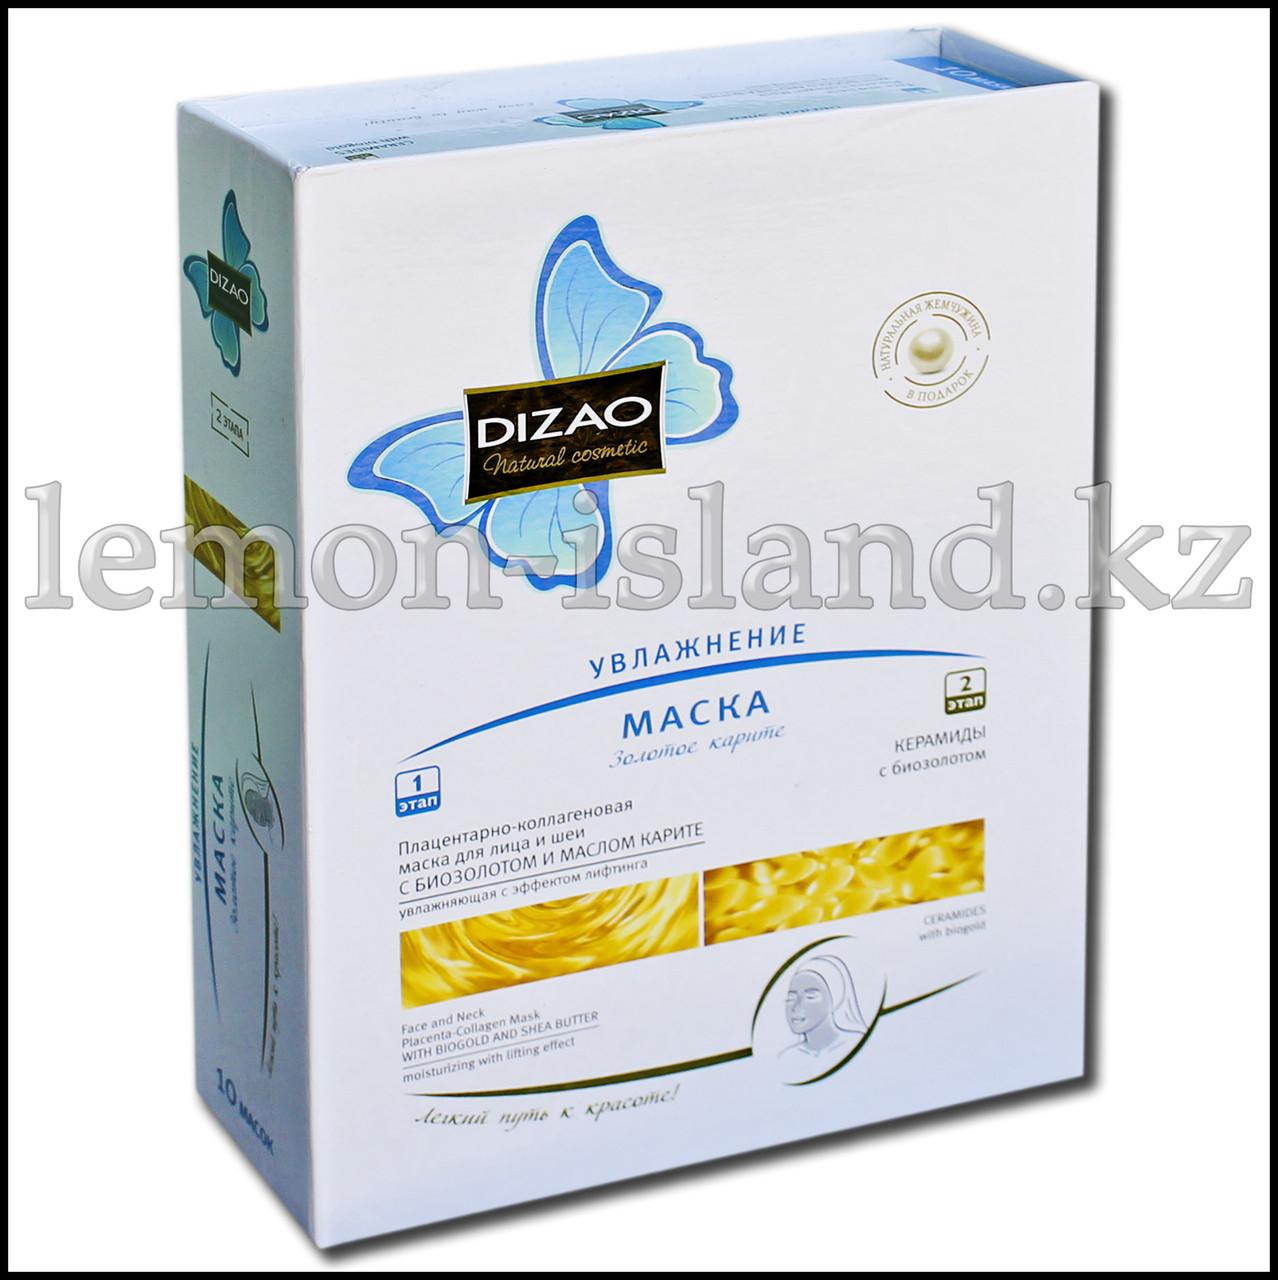 Маска для лица и шеи Dizao тканевая двухкомпонентная с масло ши (карите).